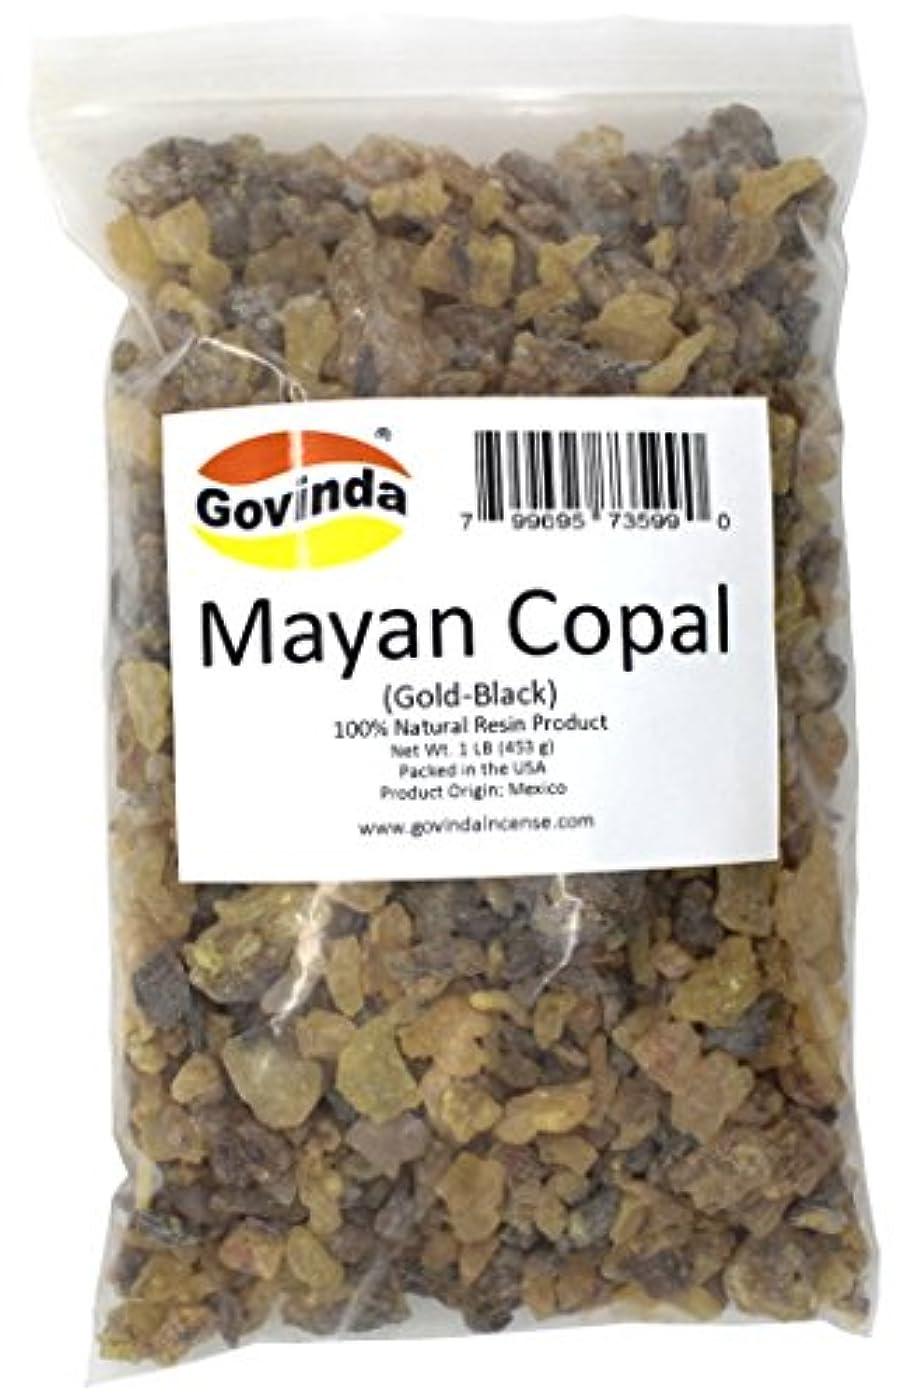 スコットランド人見出しボーカルGovinda – マヤCopal ( gold-black ) Incense樹脂1 lb